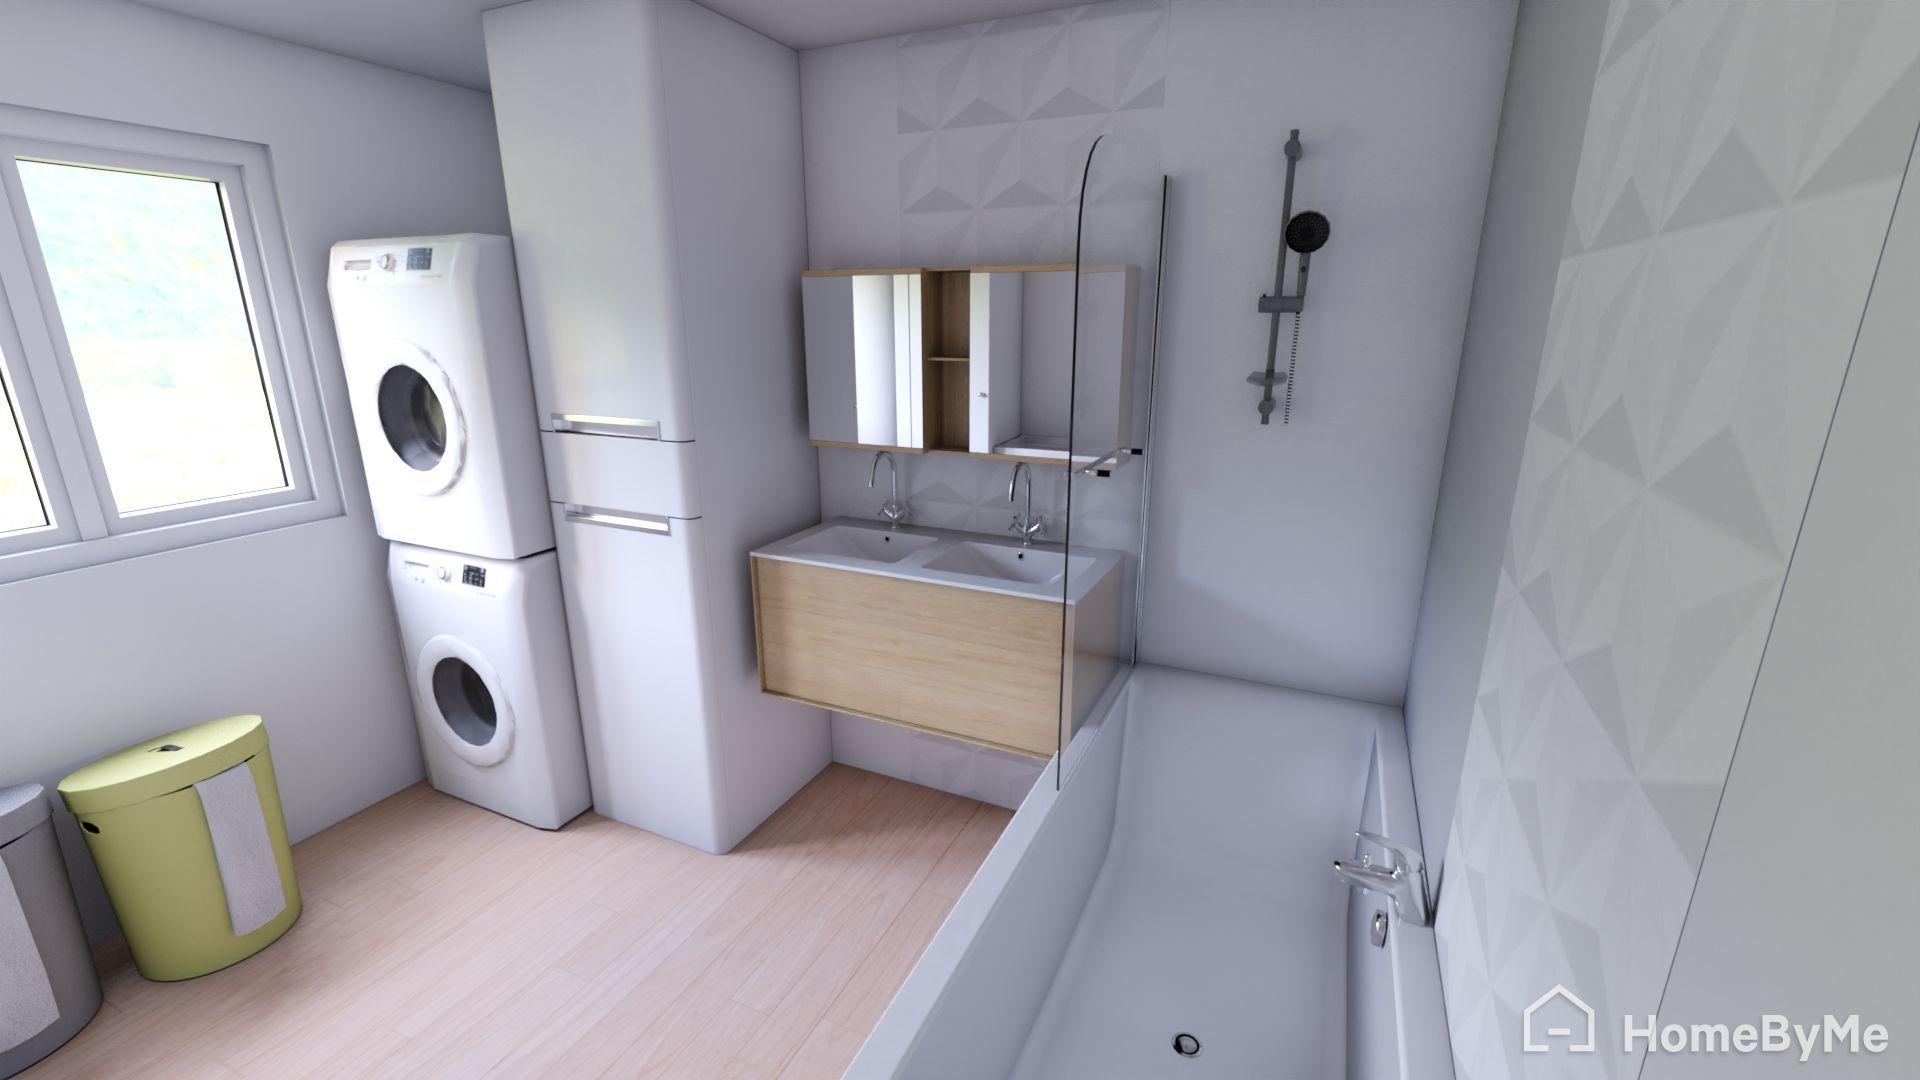 Architecte Interieur 3D Gratuit homebyme est un logiciel d'architecture d'intérieur 3d